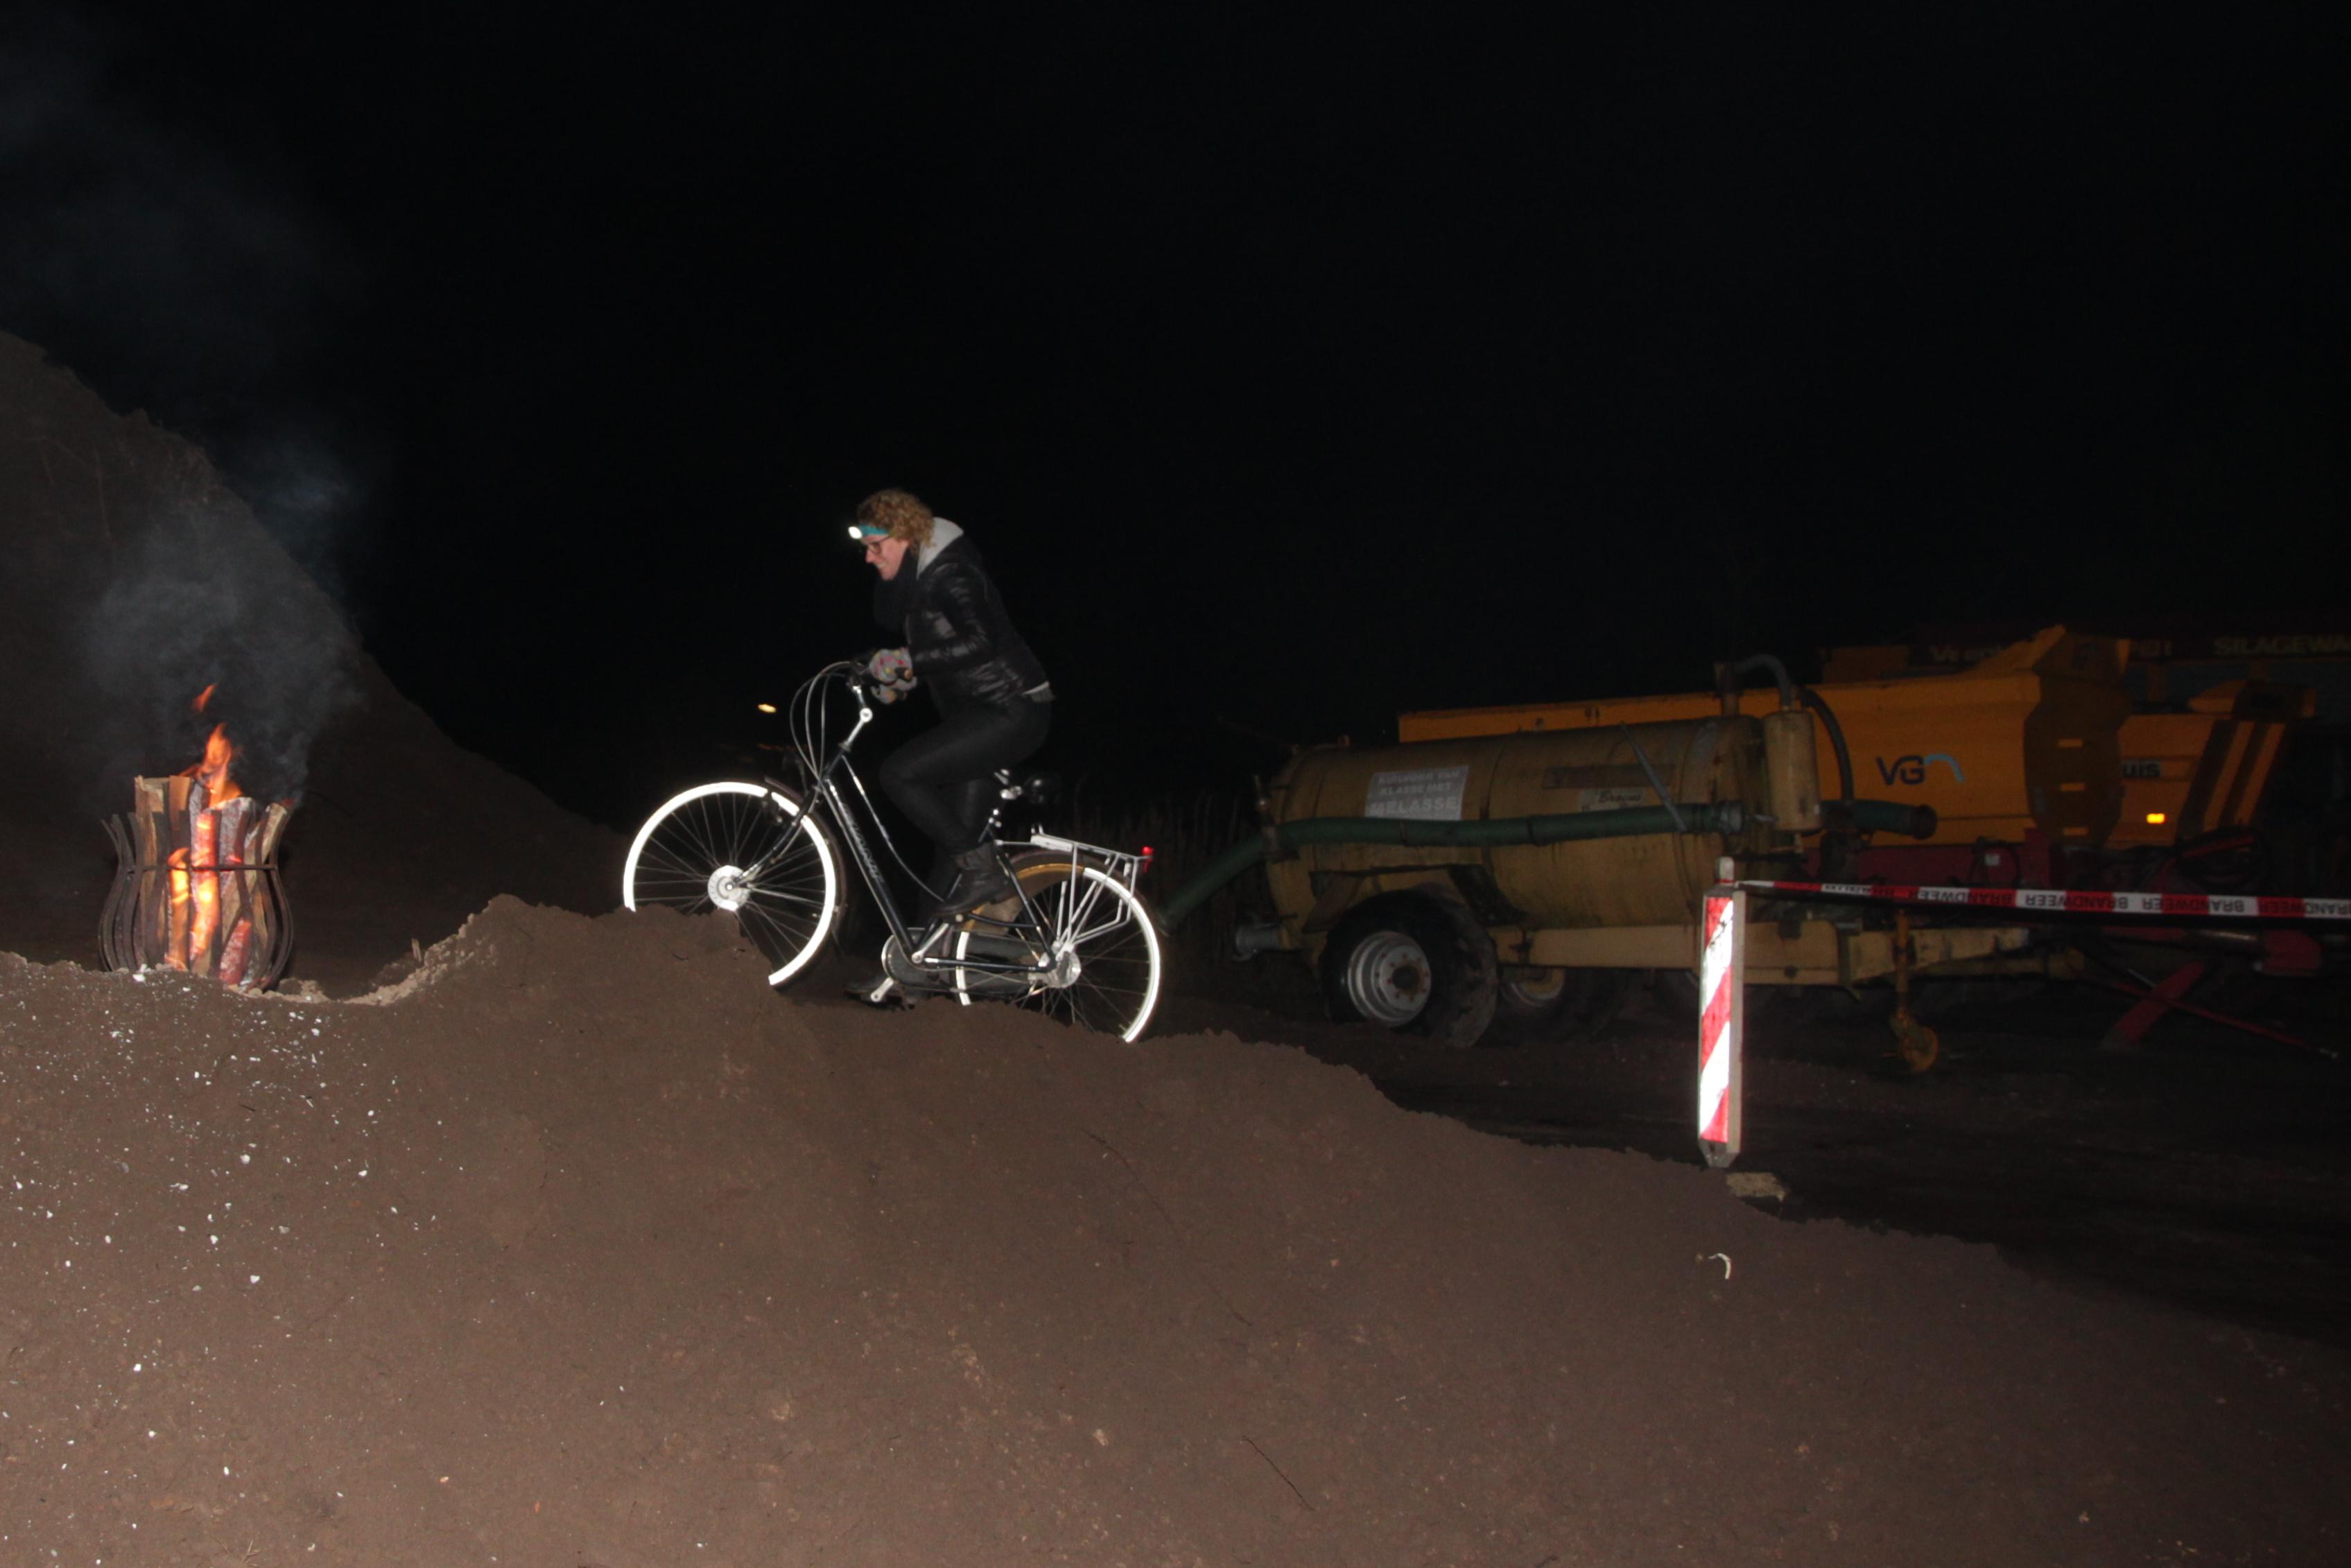 Nightbike-Méél-by-Night.-2017-62